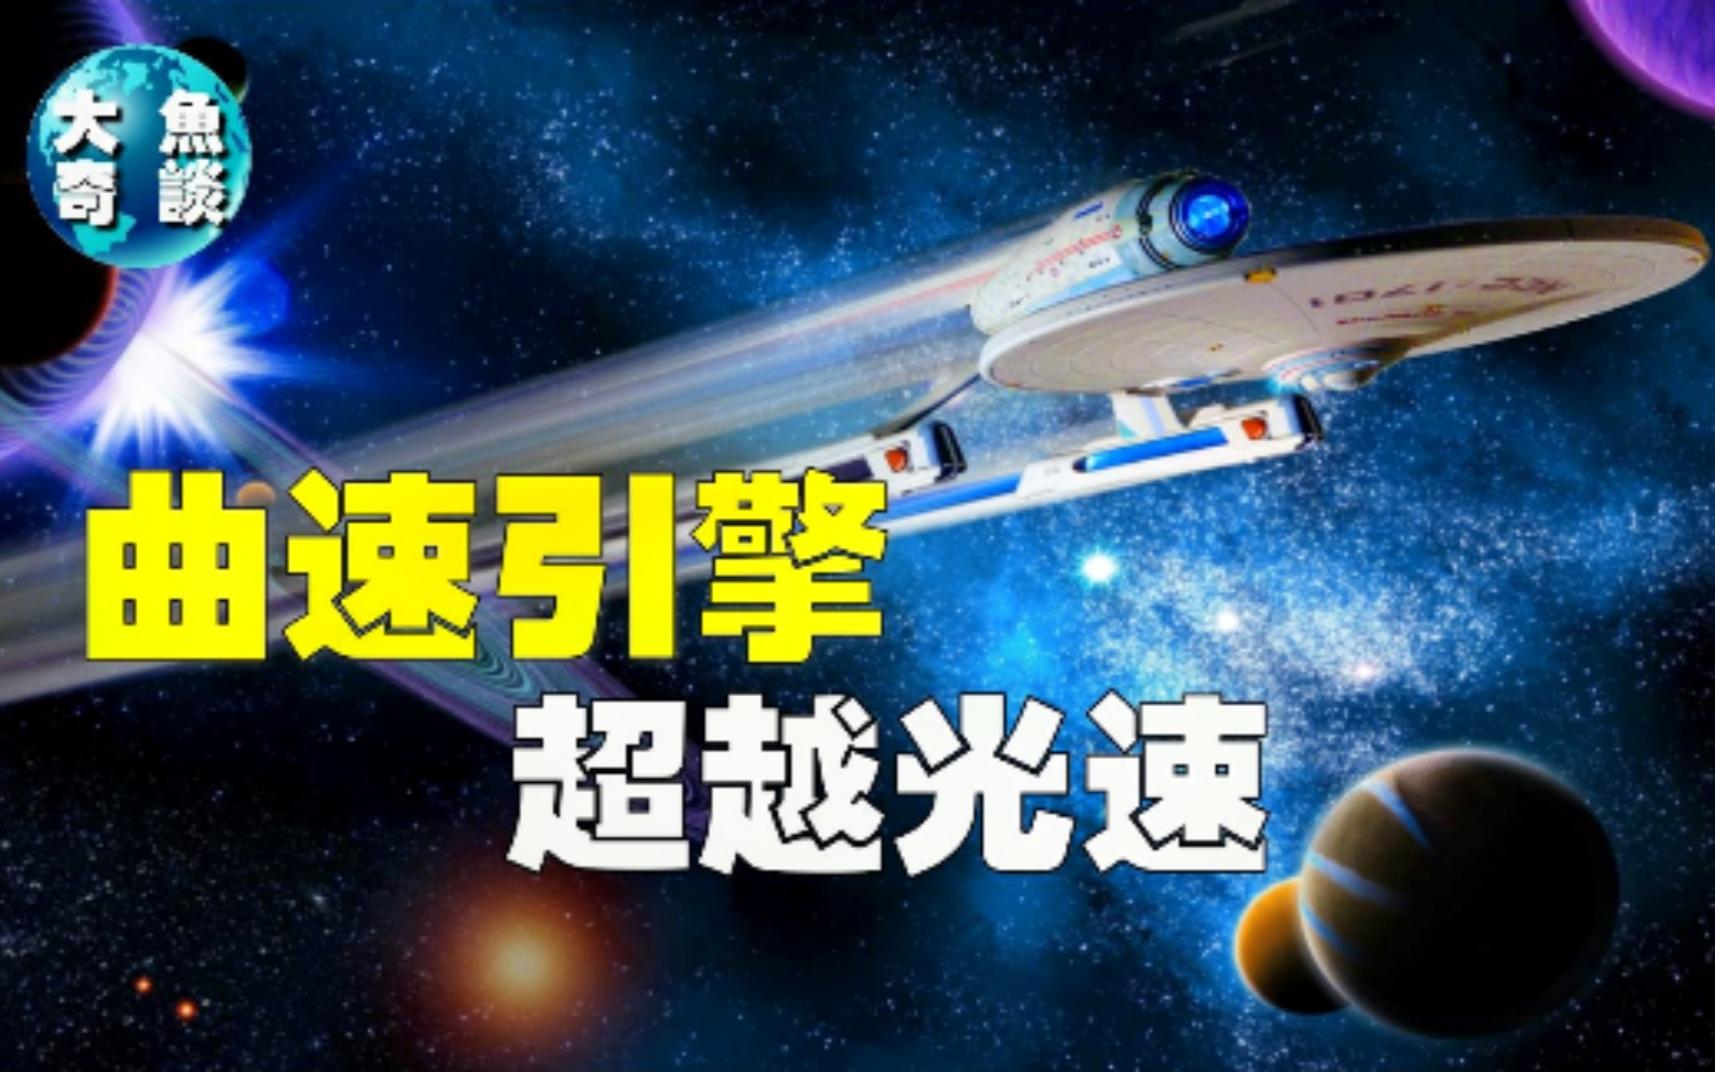 【超越光速】超光速飞行真的存在?曲速引擎将成为可能,来解开宇宙的终极奥秘